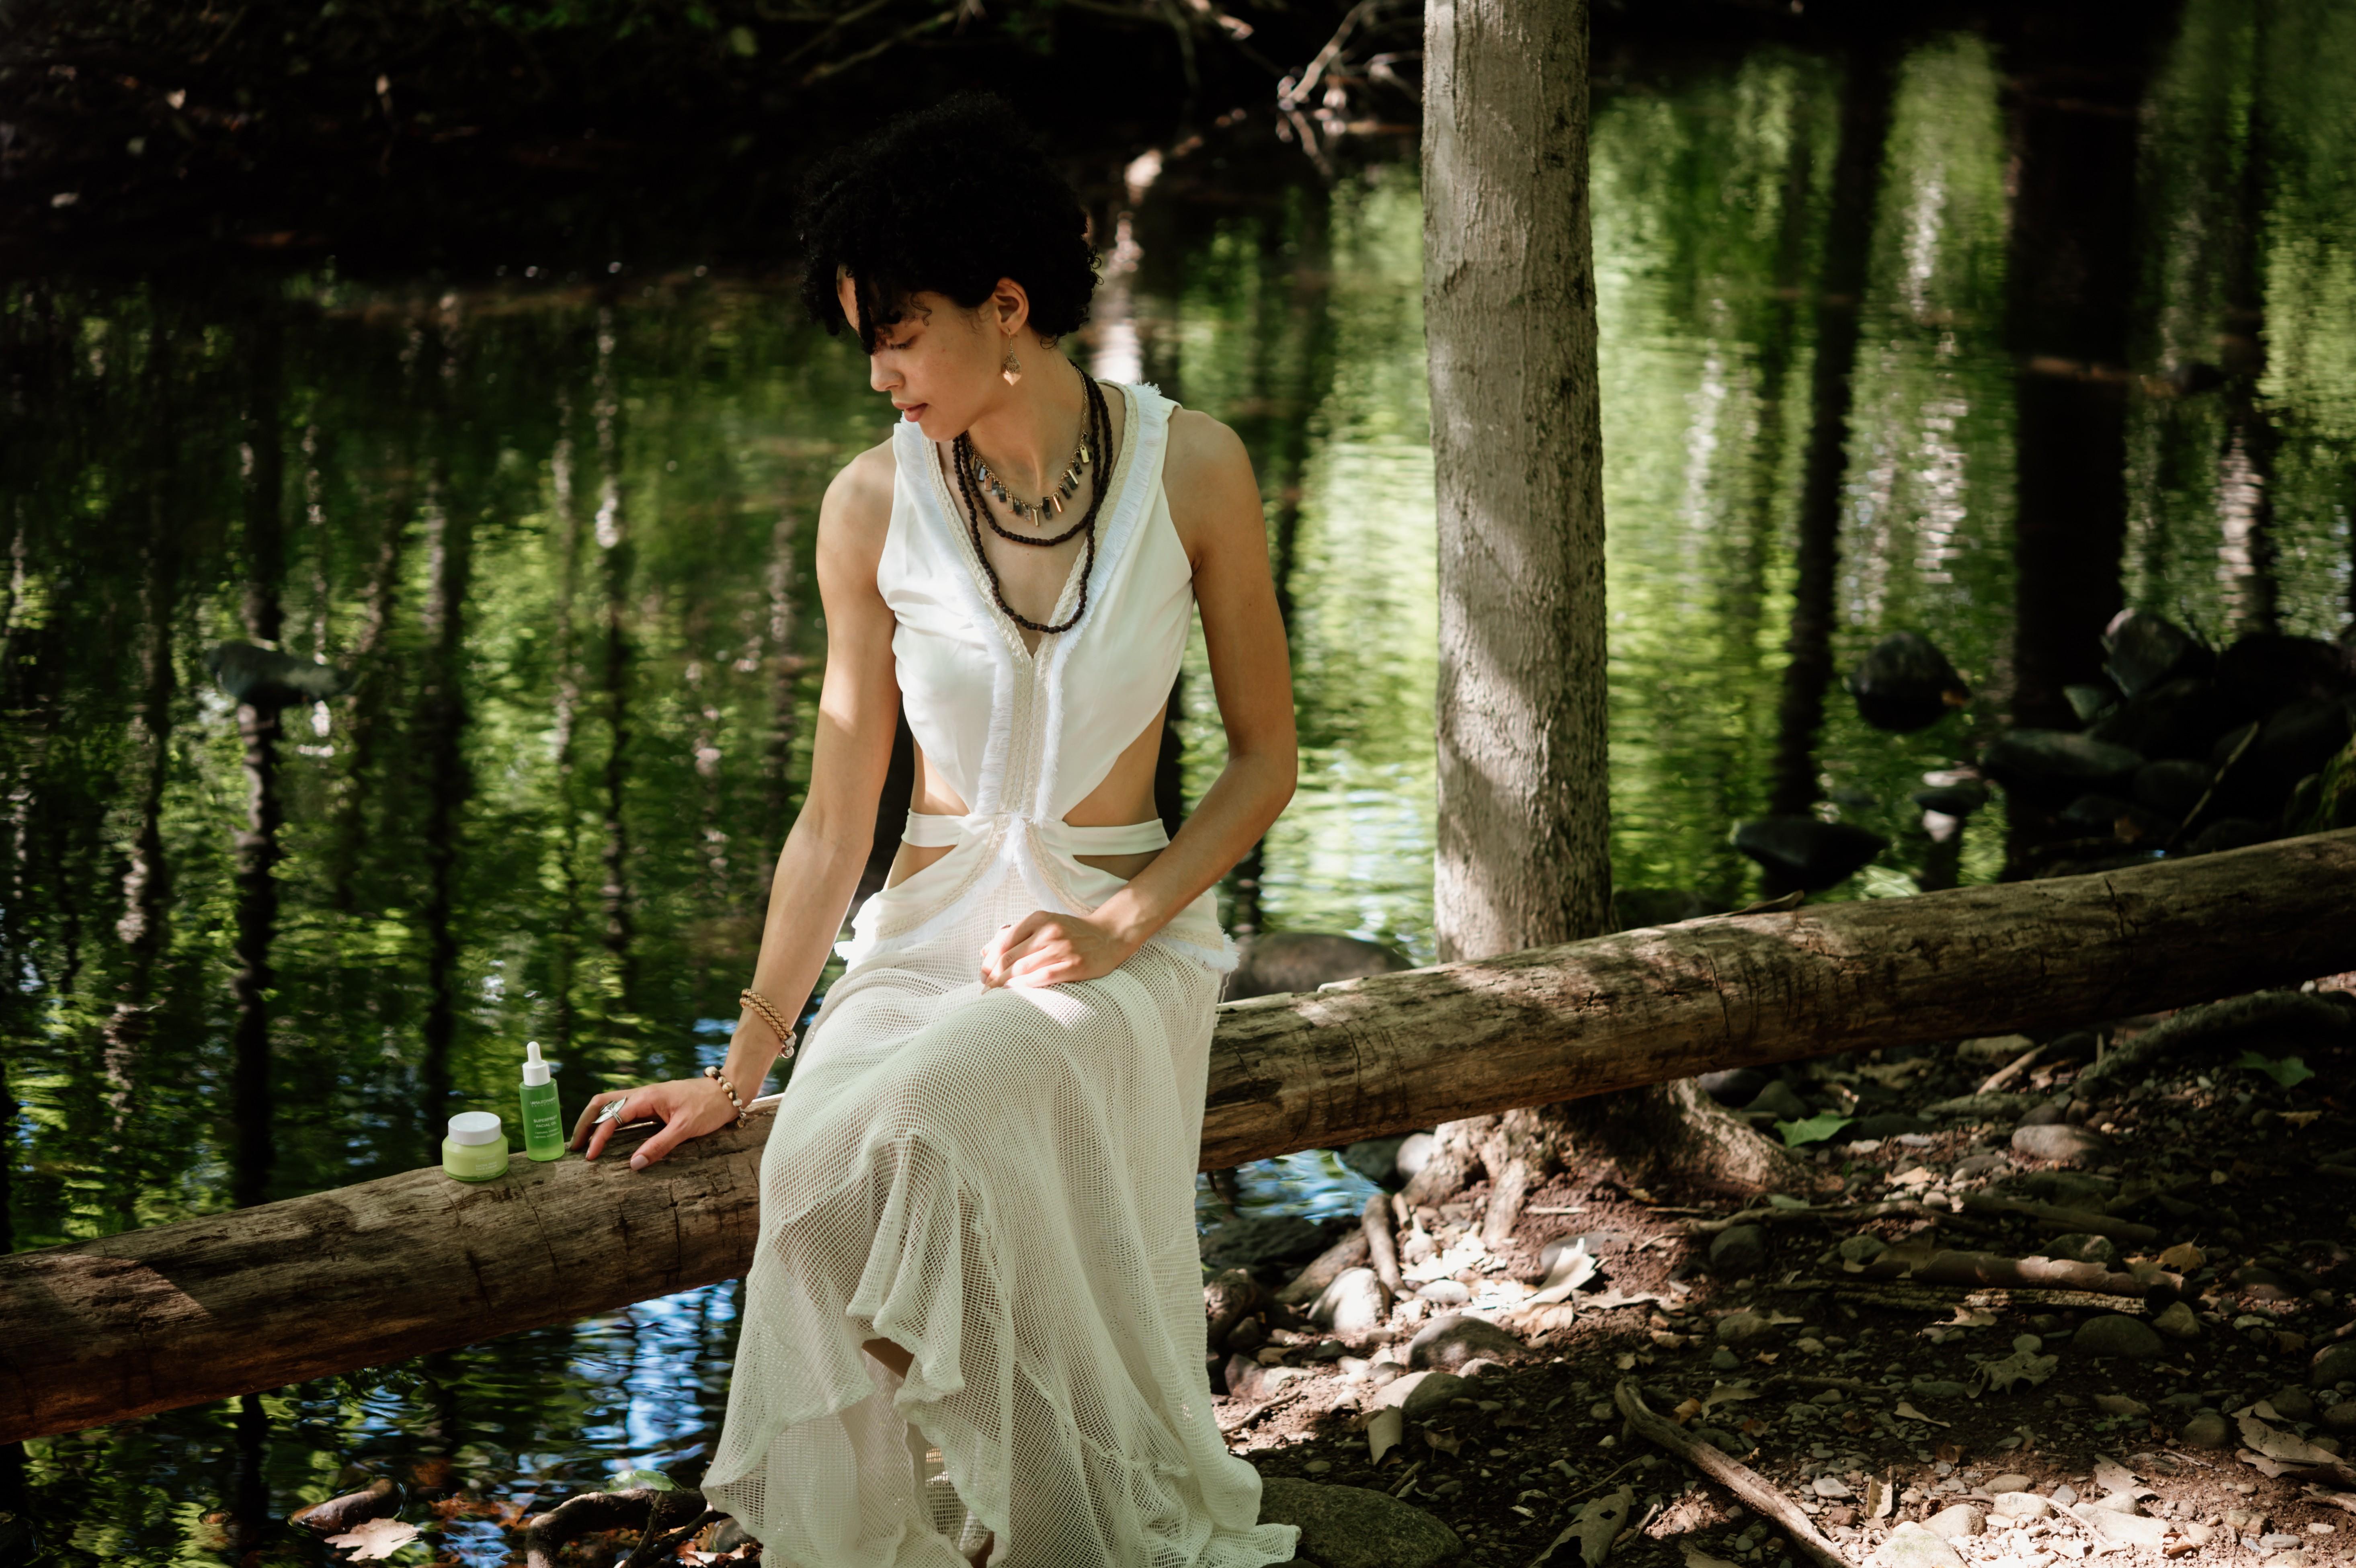 MAI 2020: Notre base humanitaire au Brésil